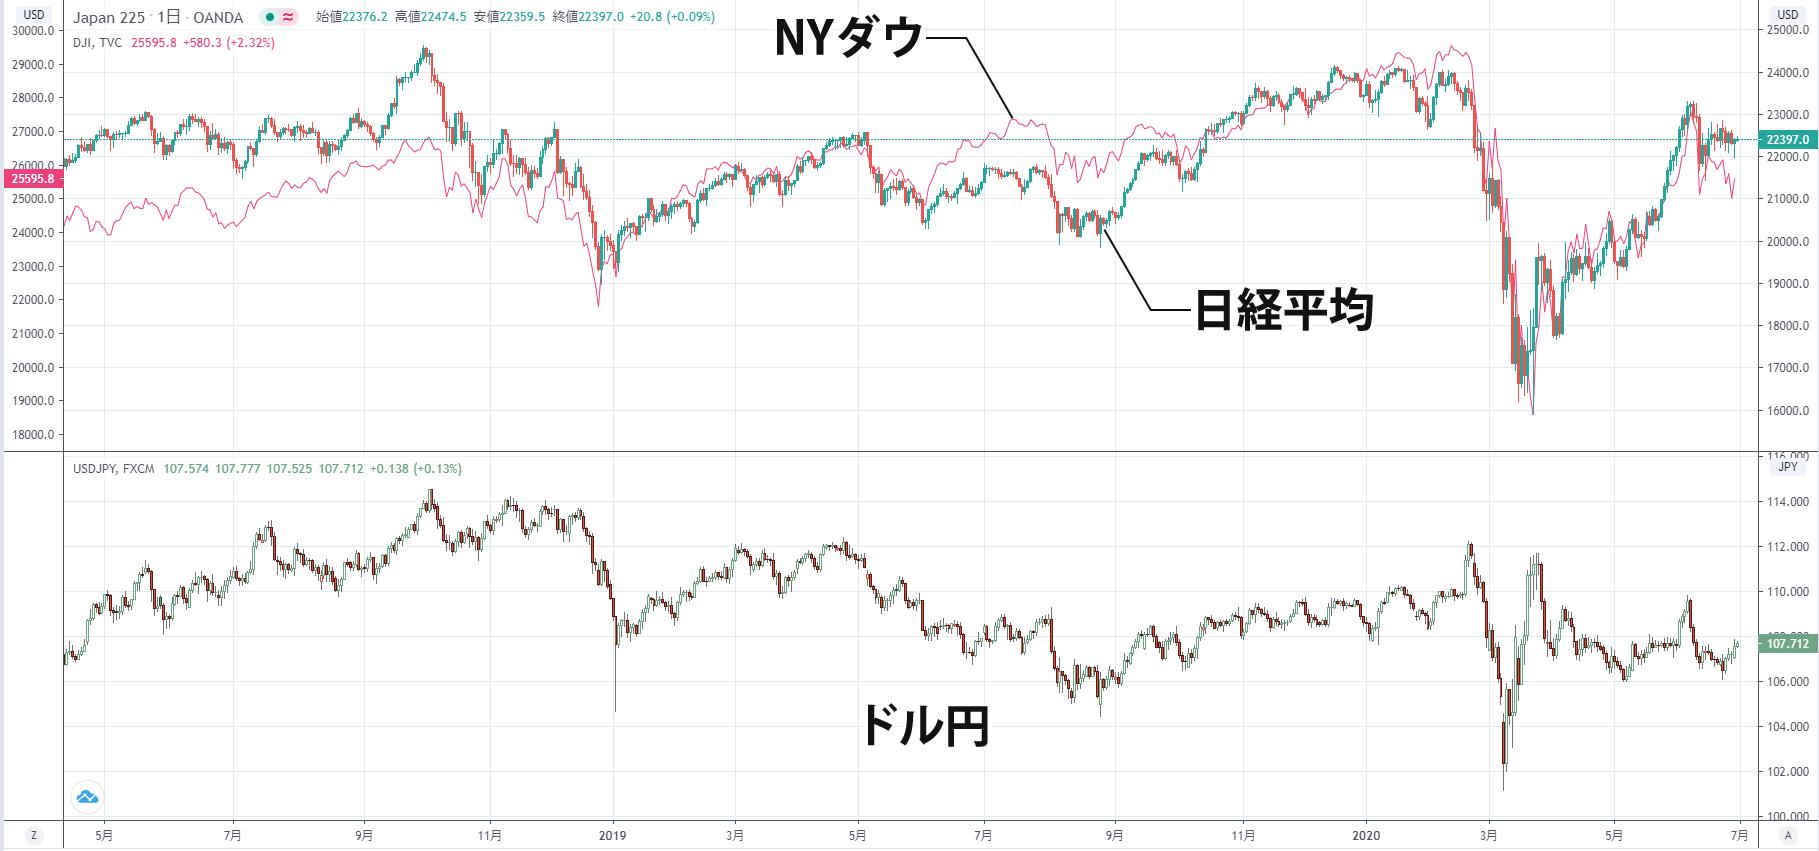 ドル円・日経平均株価・NYダウの相関性